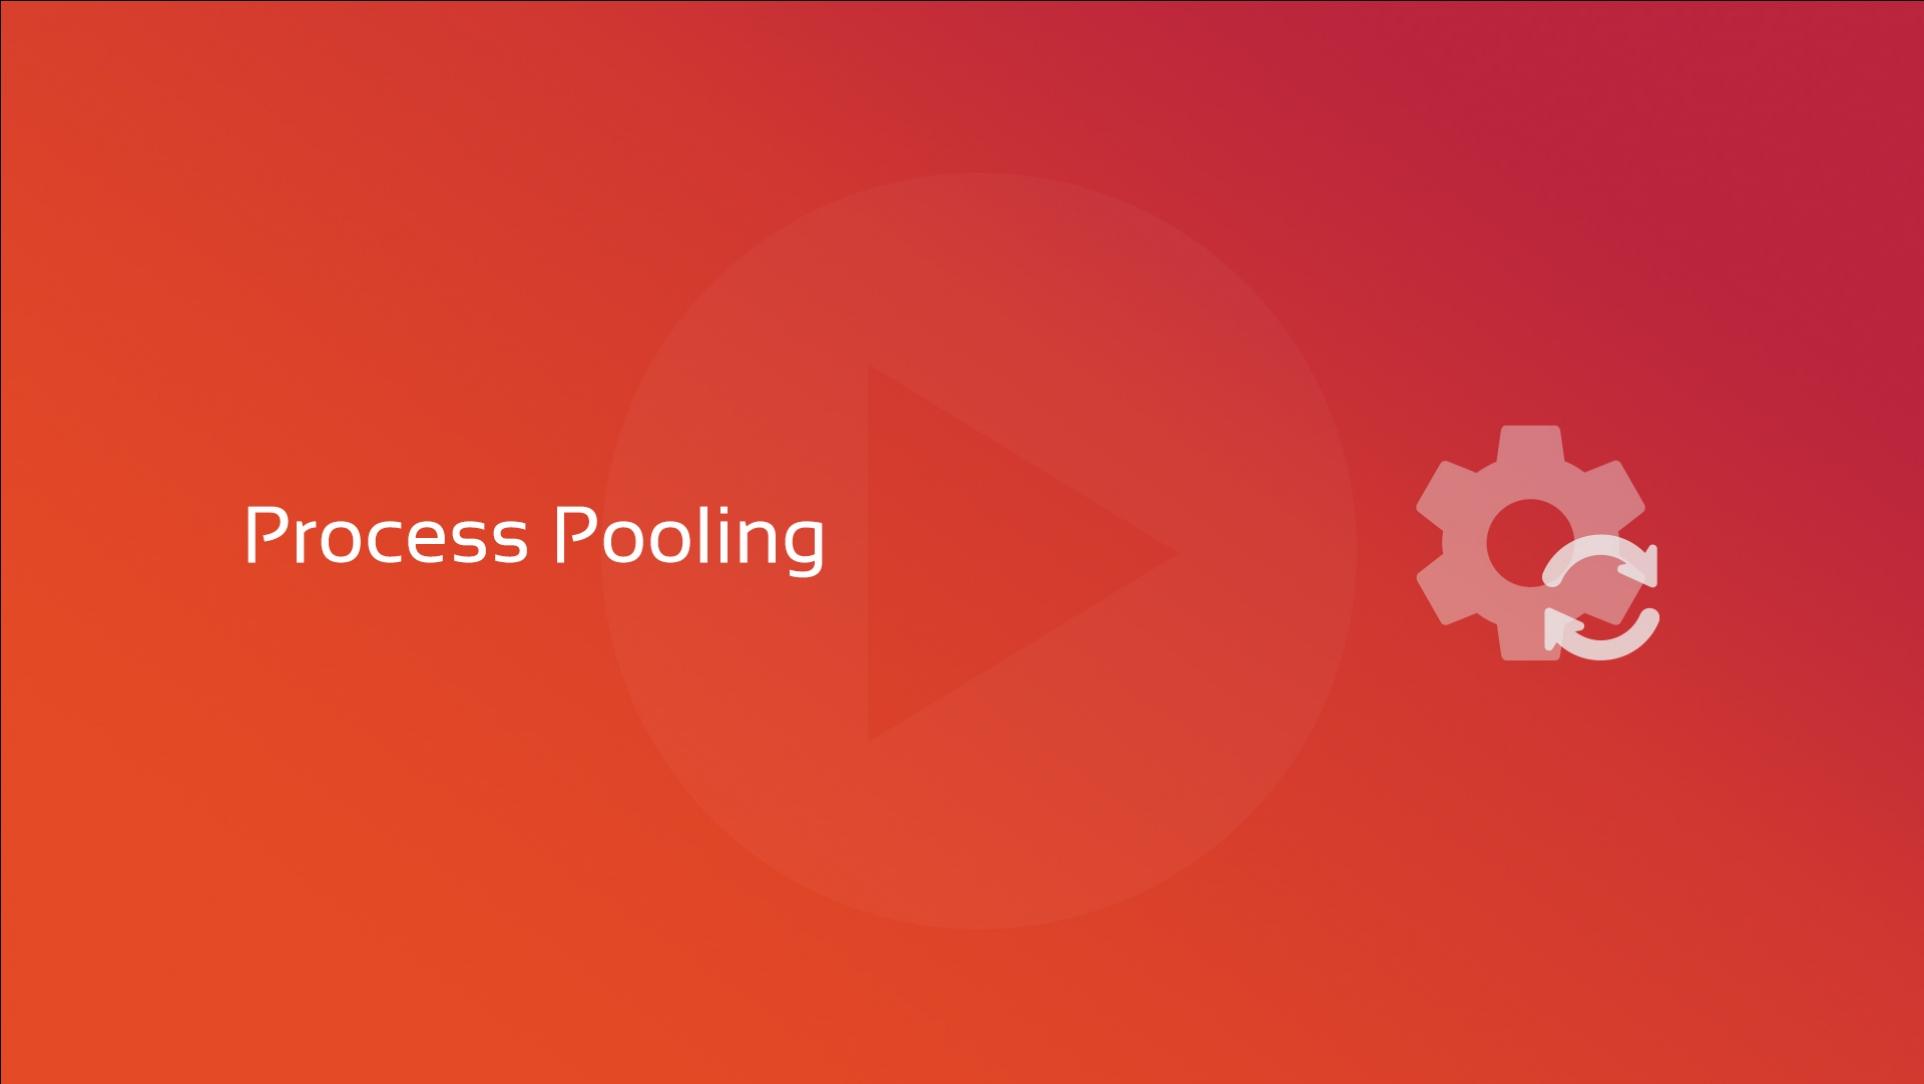 2020-06-22 Process Pooling OG